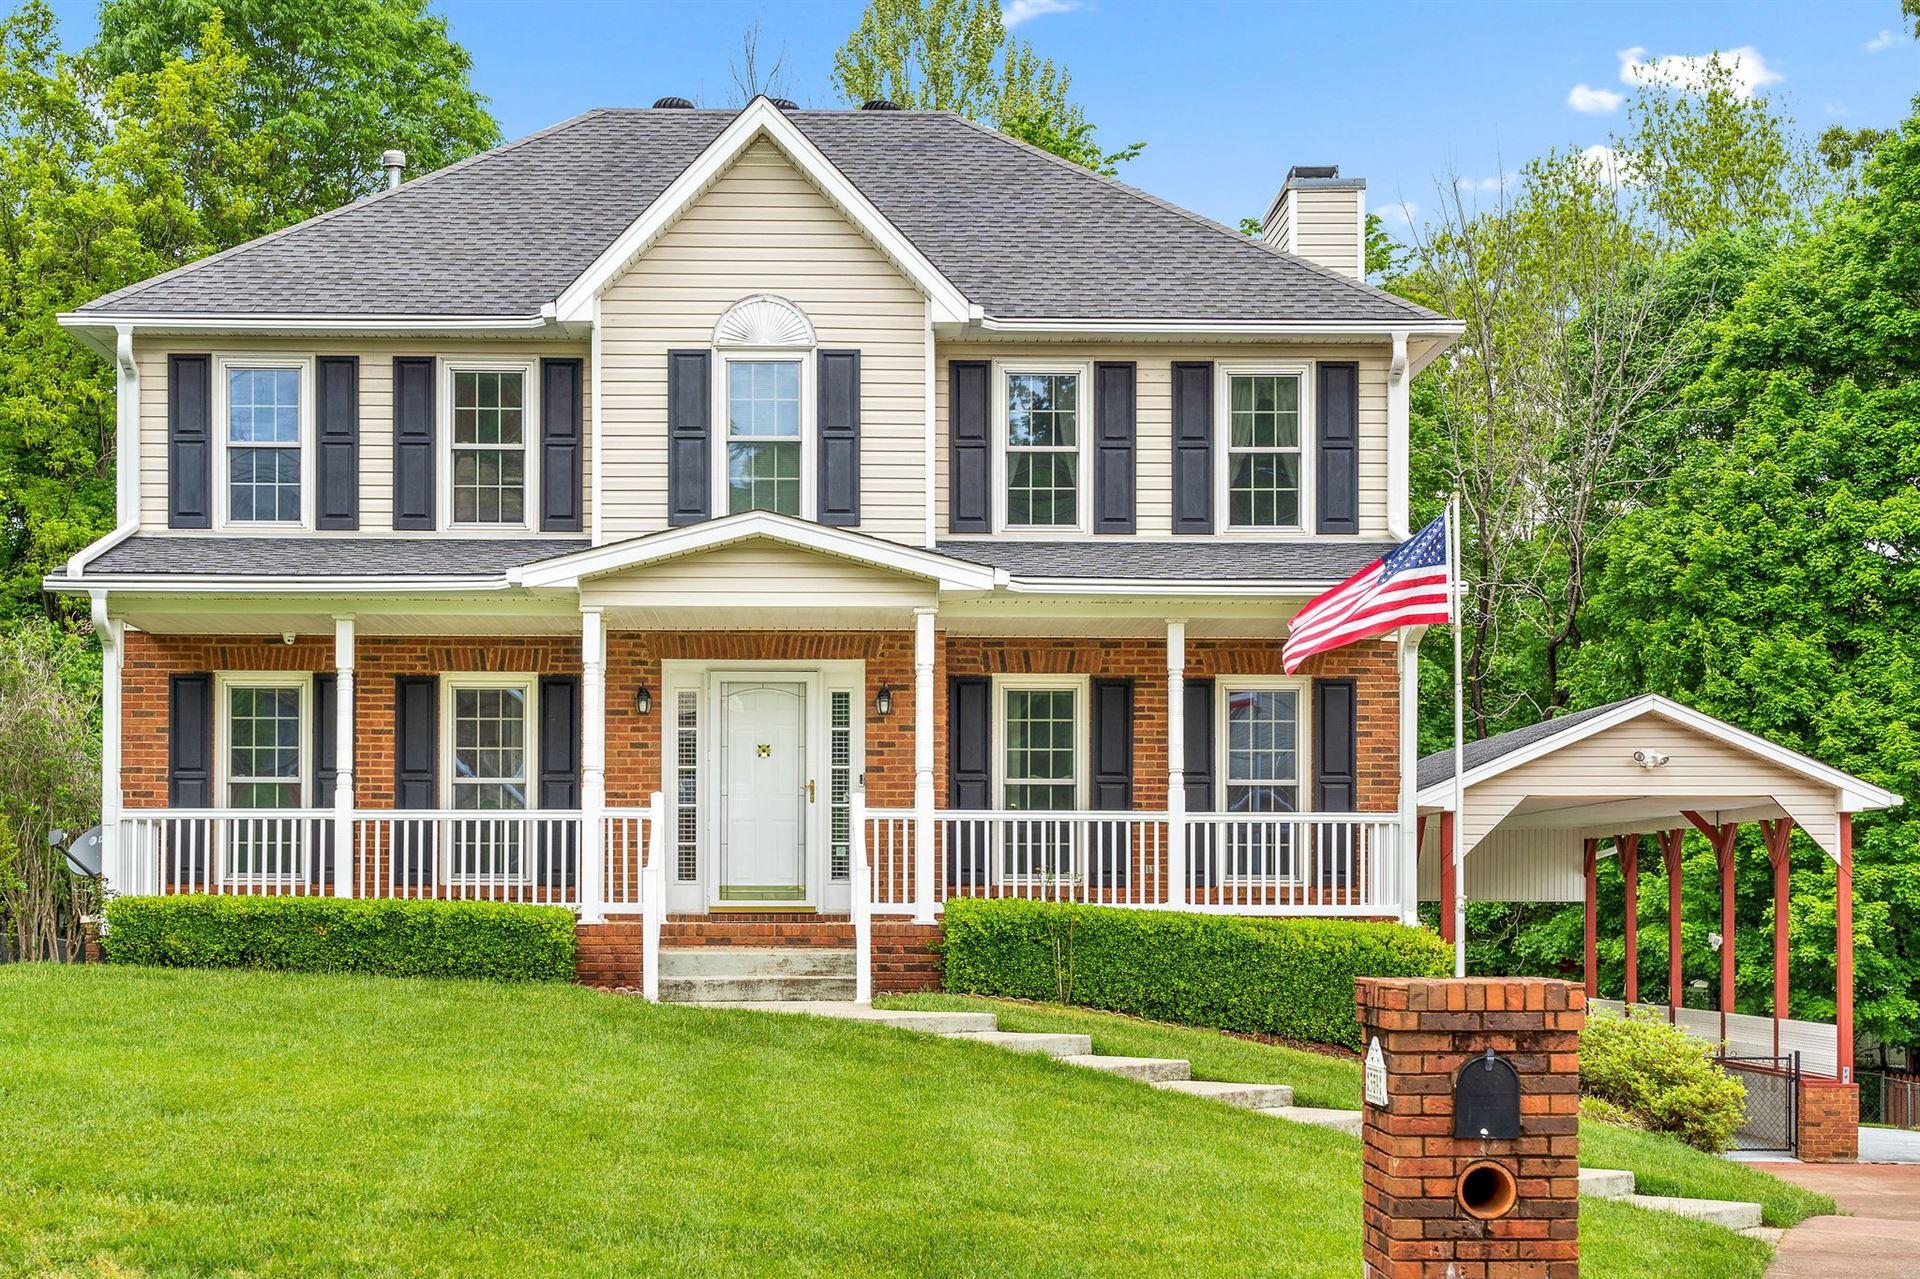 359 Wells Ct, Clarksville, TN 37043 - MLS#: 2250561